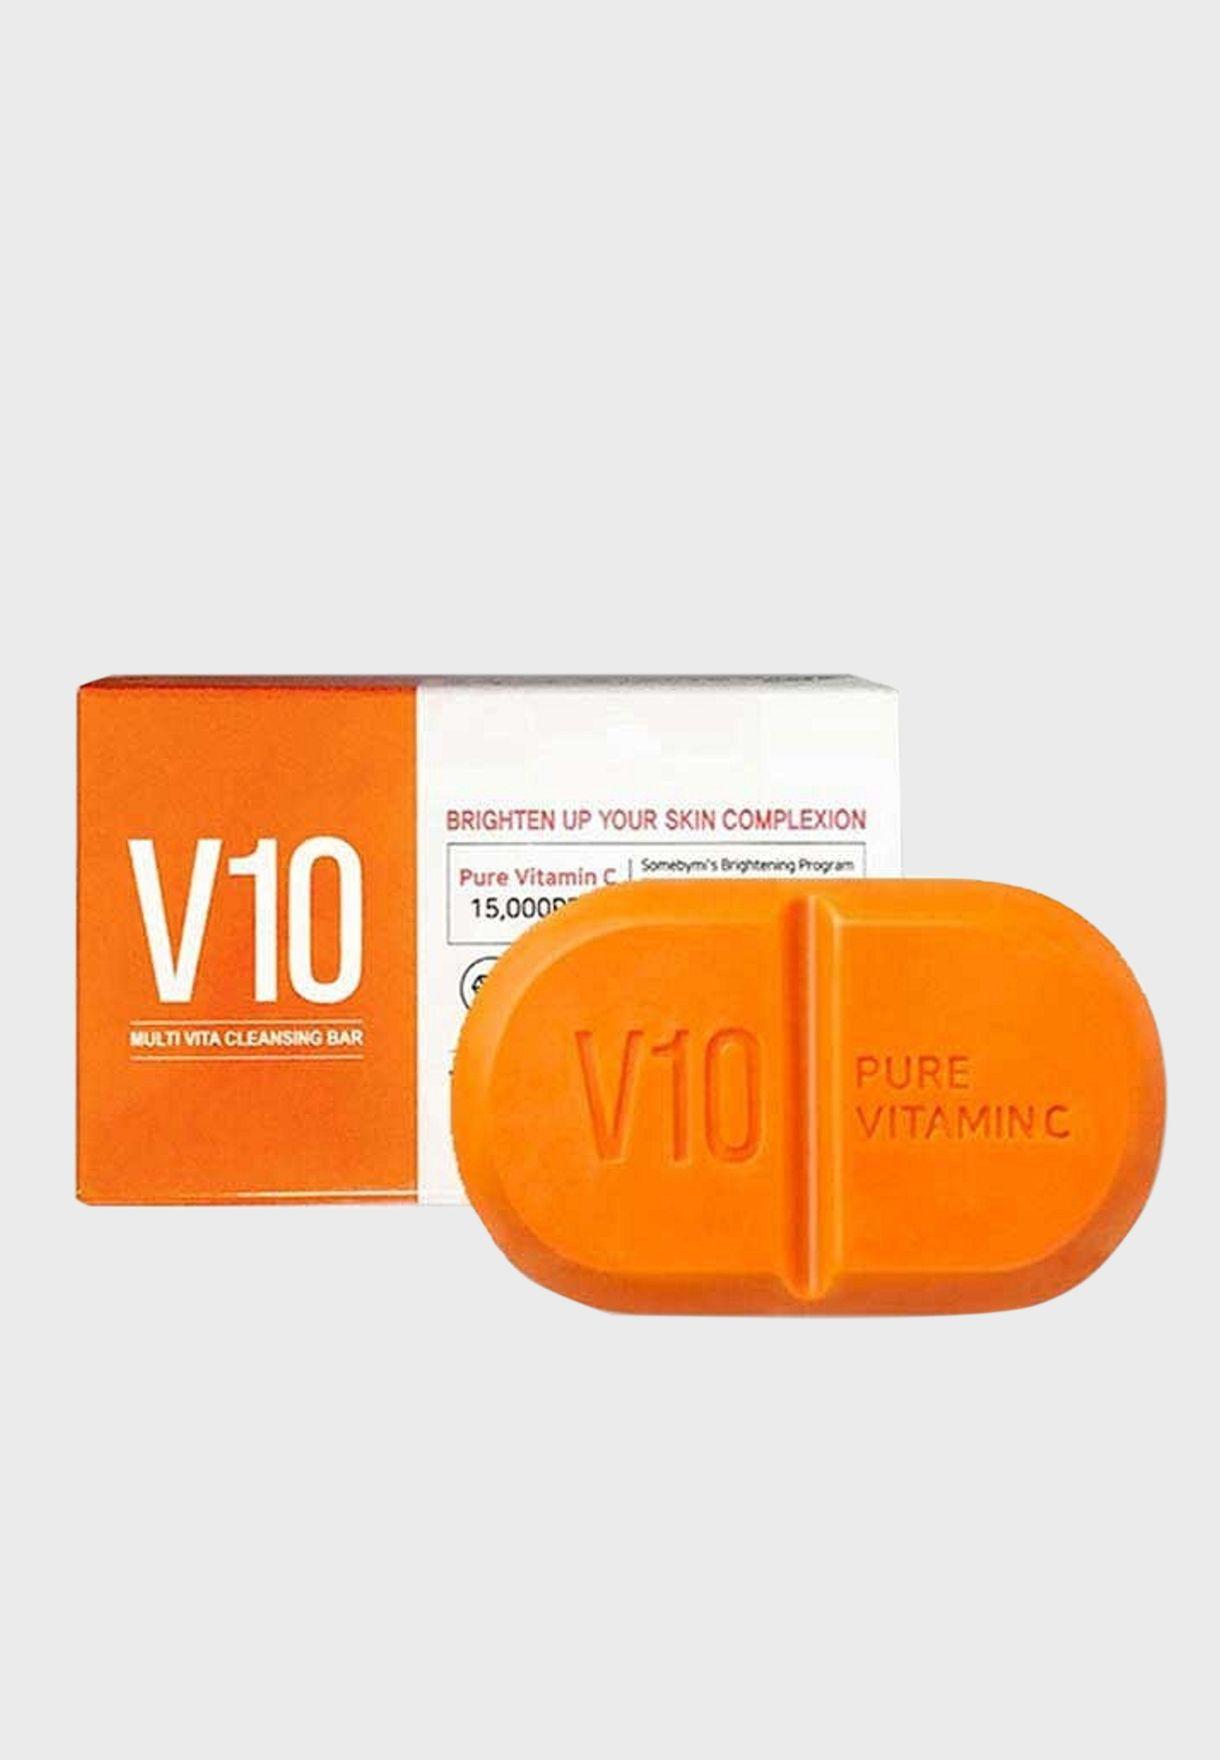 صابون بيور فيتامين C V10 لتنظيف البشرة